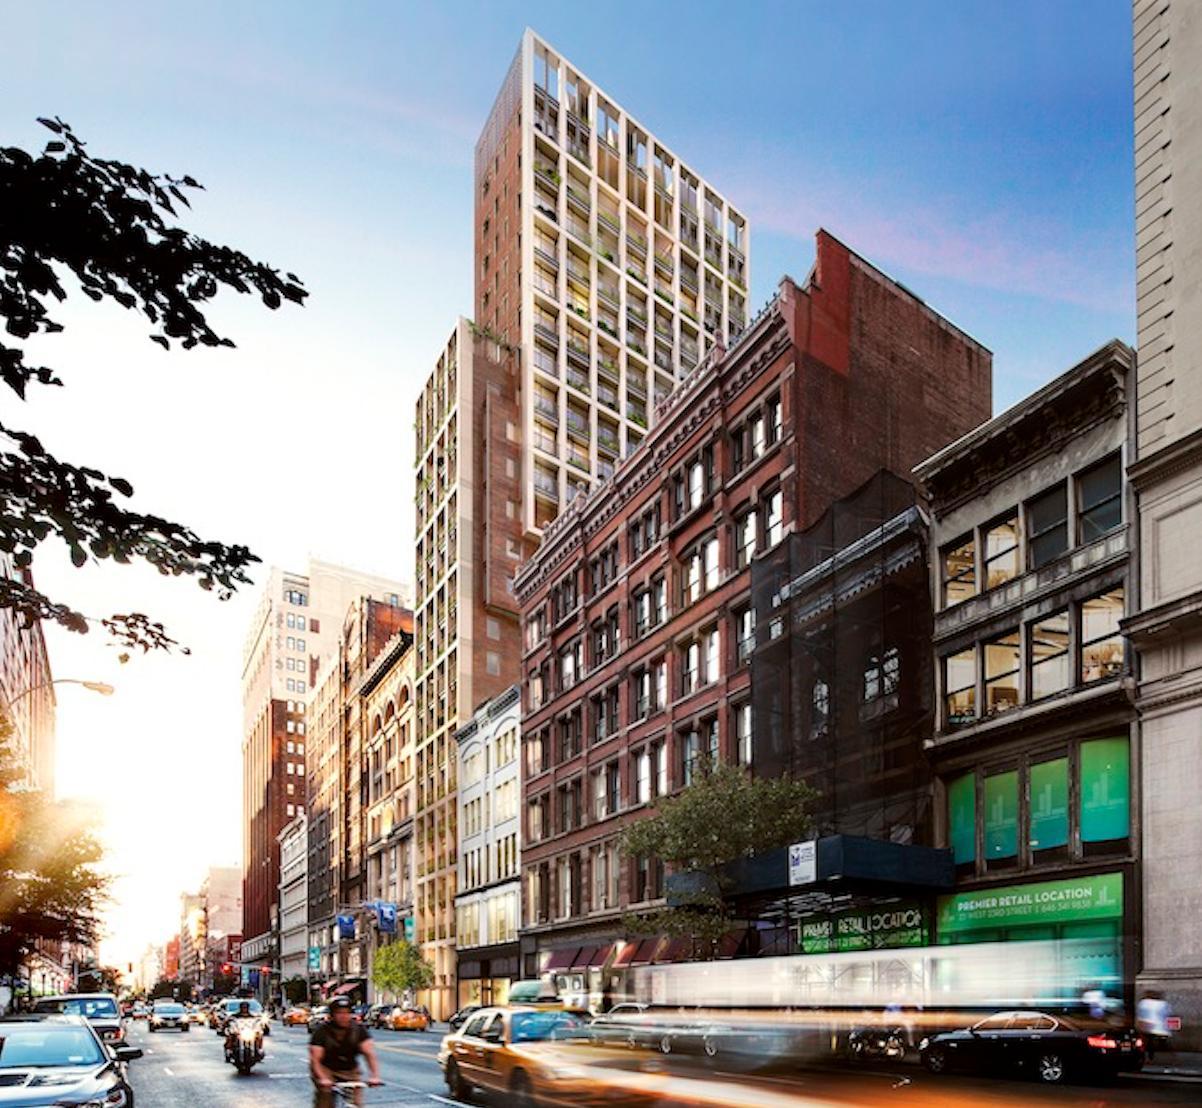 41 West 23rd Street, rendering by COOKFOX